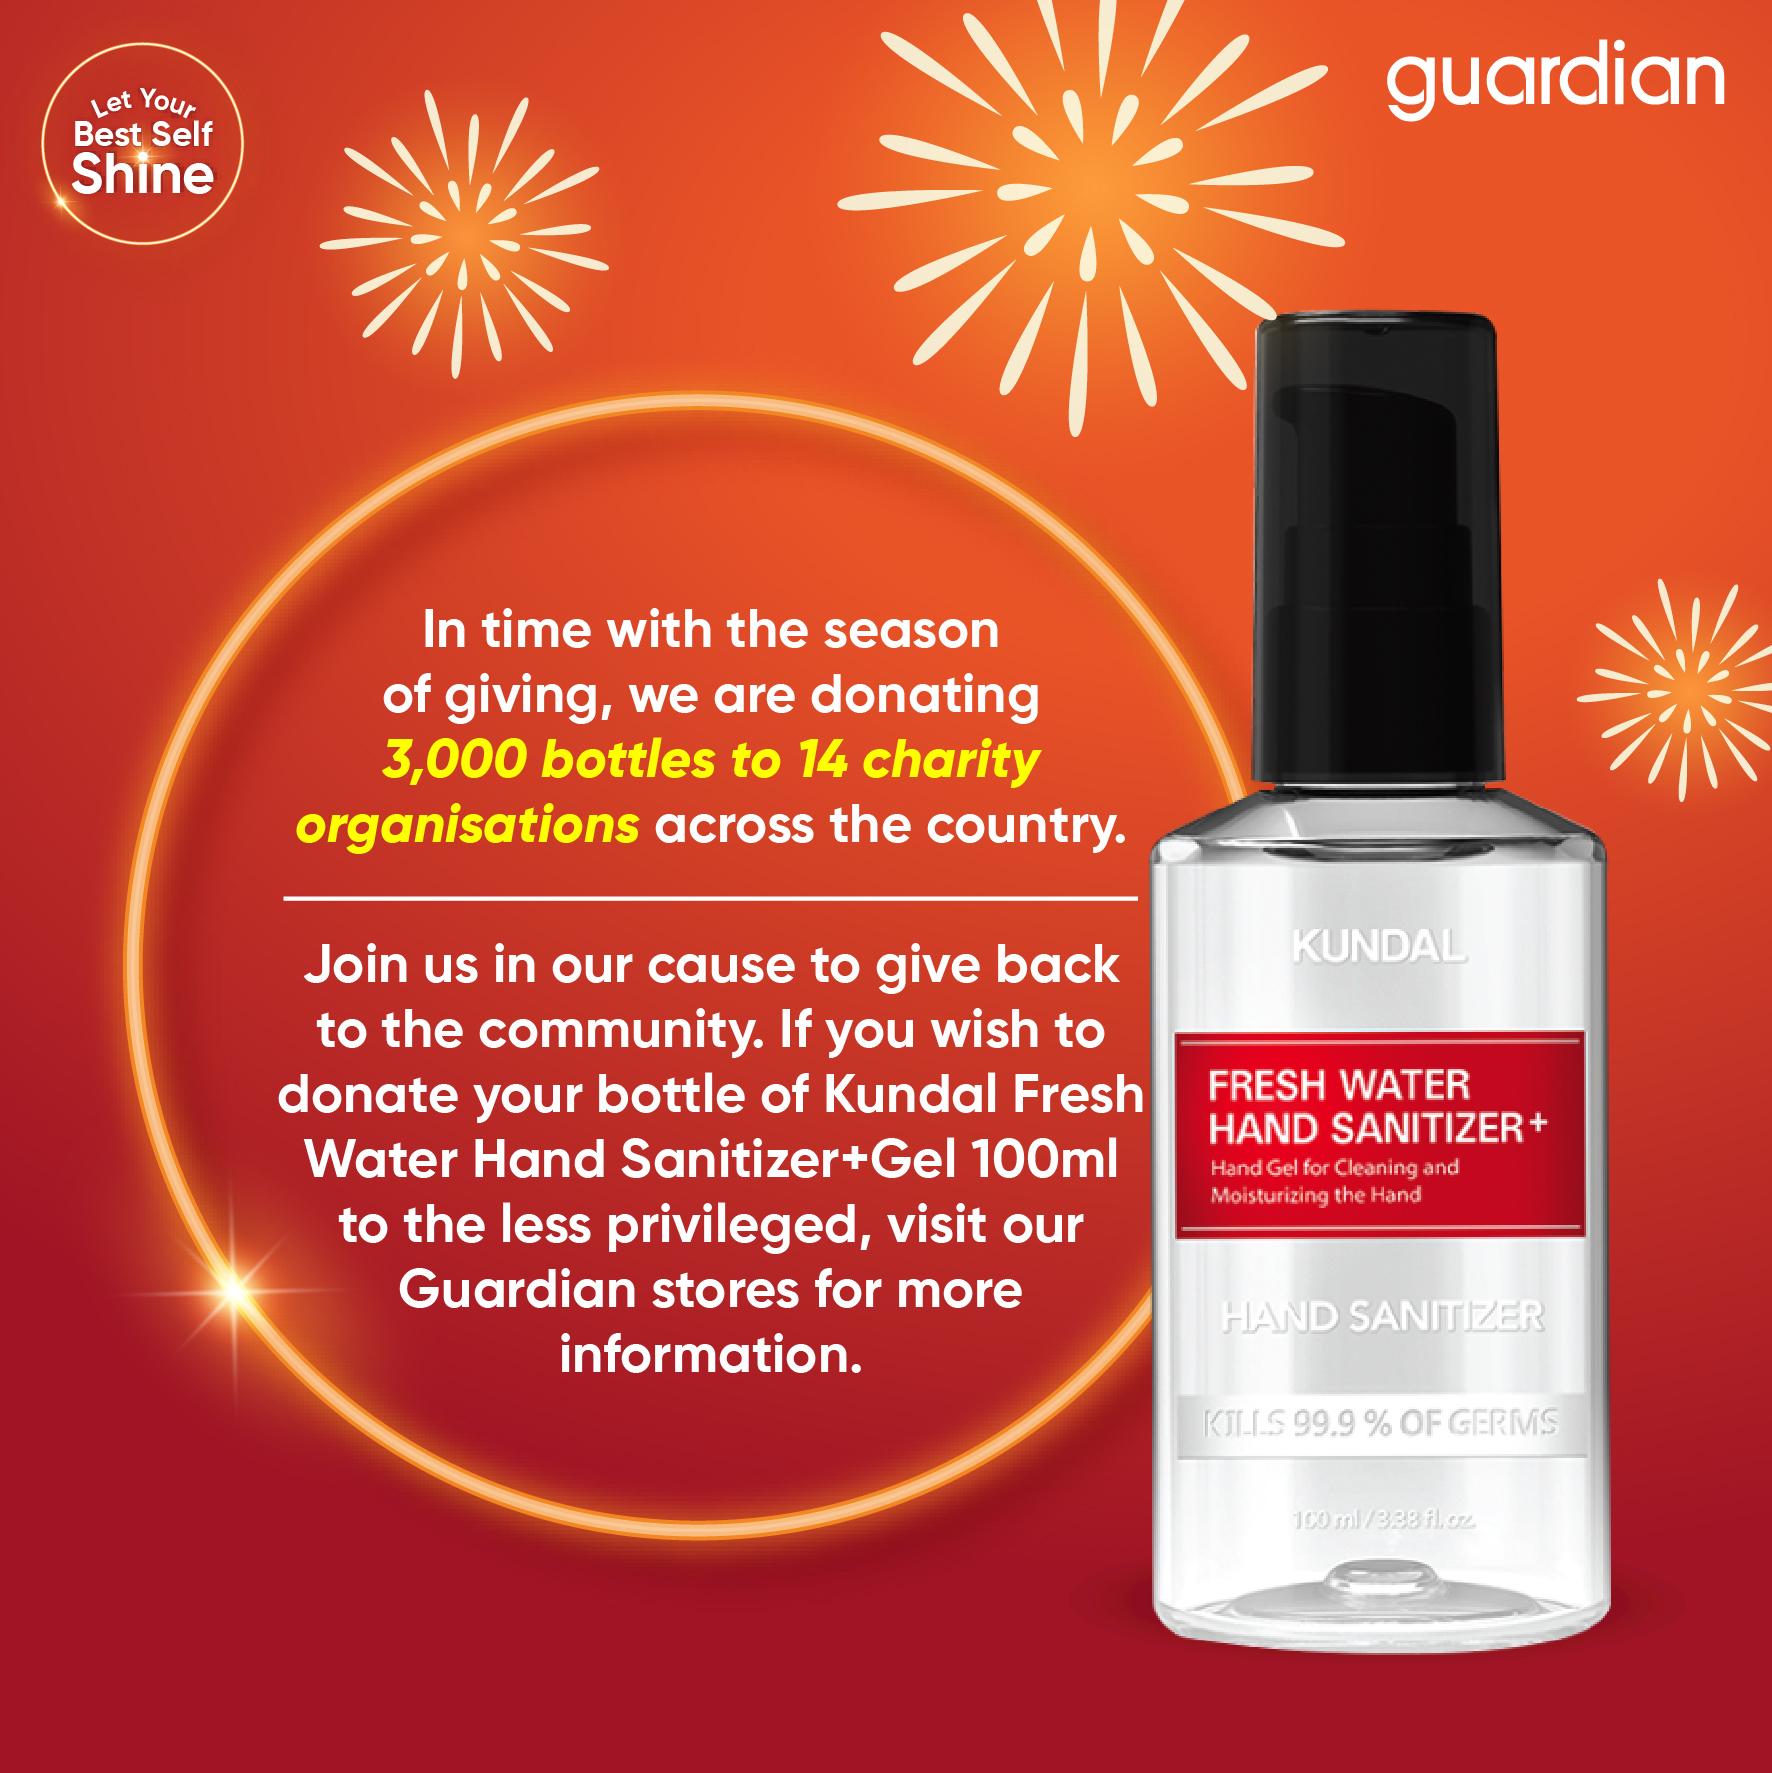 Guardian bakal Agih 15,000 Botol Cecair Pembasmi Kuman Bantu Golongan Memerlukan